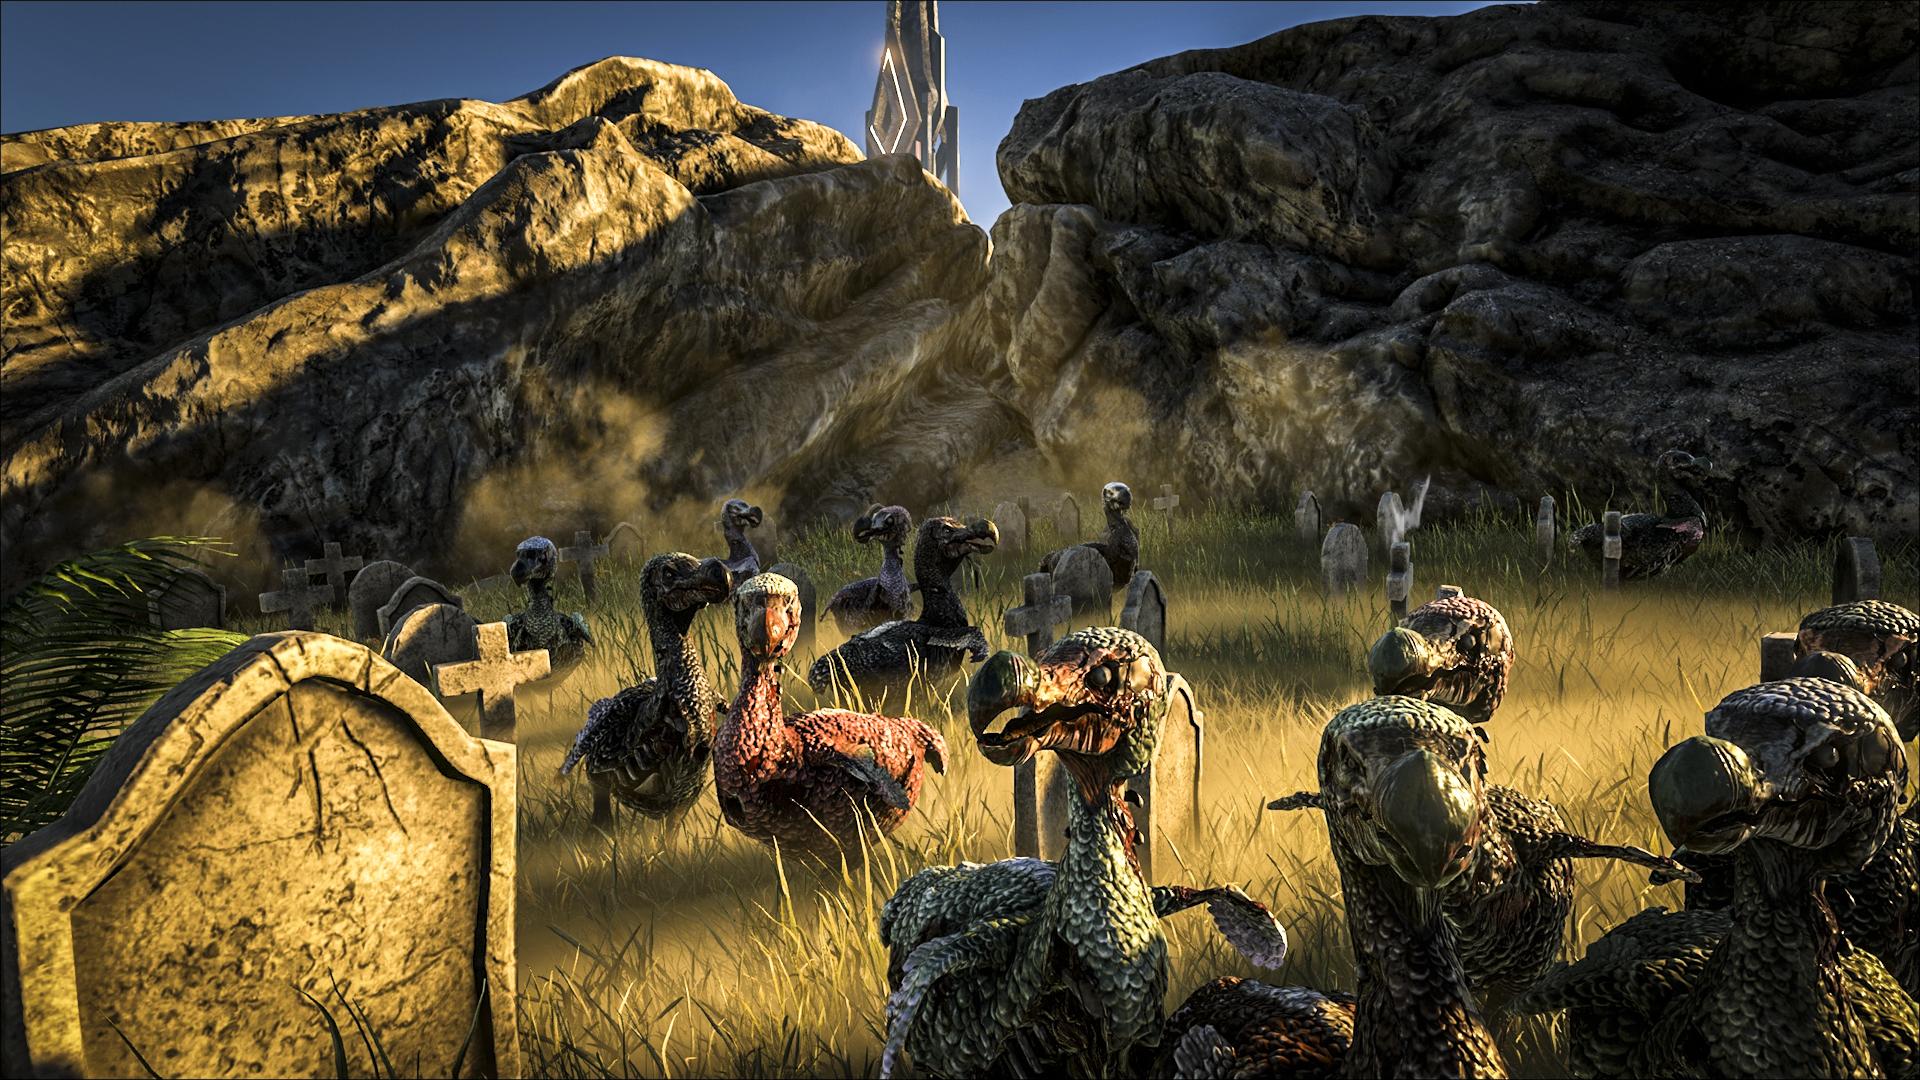 Dinousaurus xxx erotic image